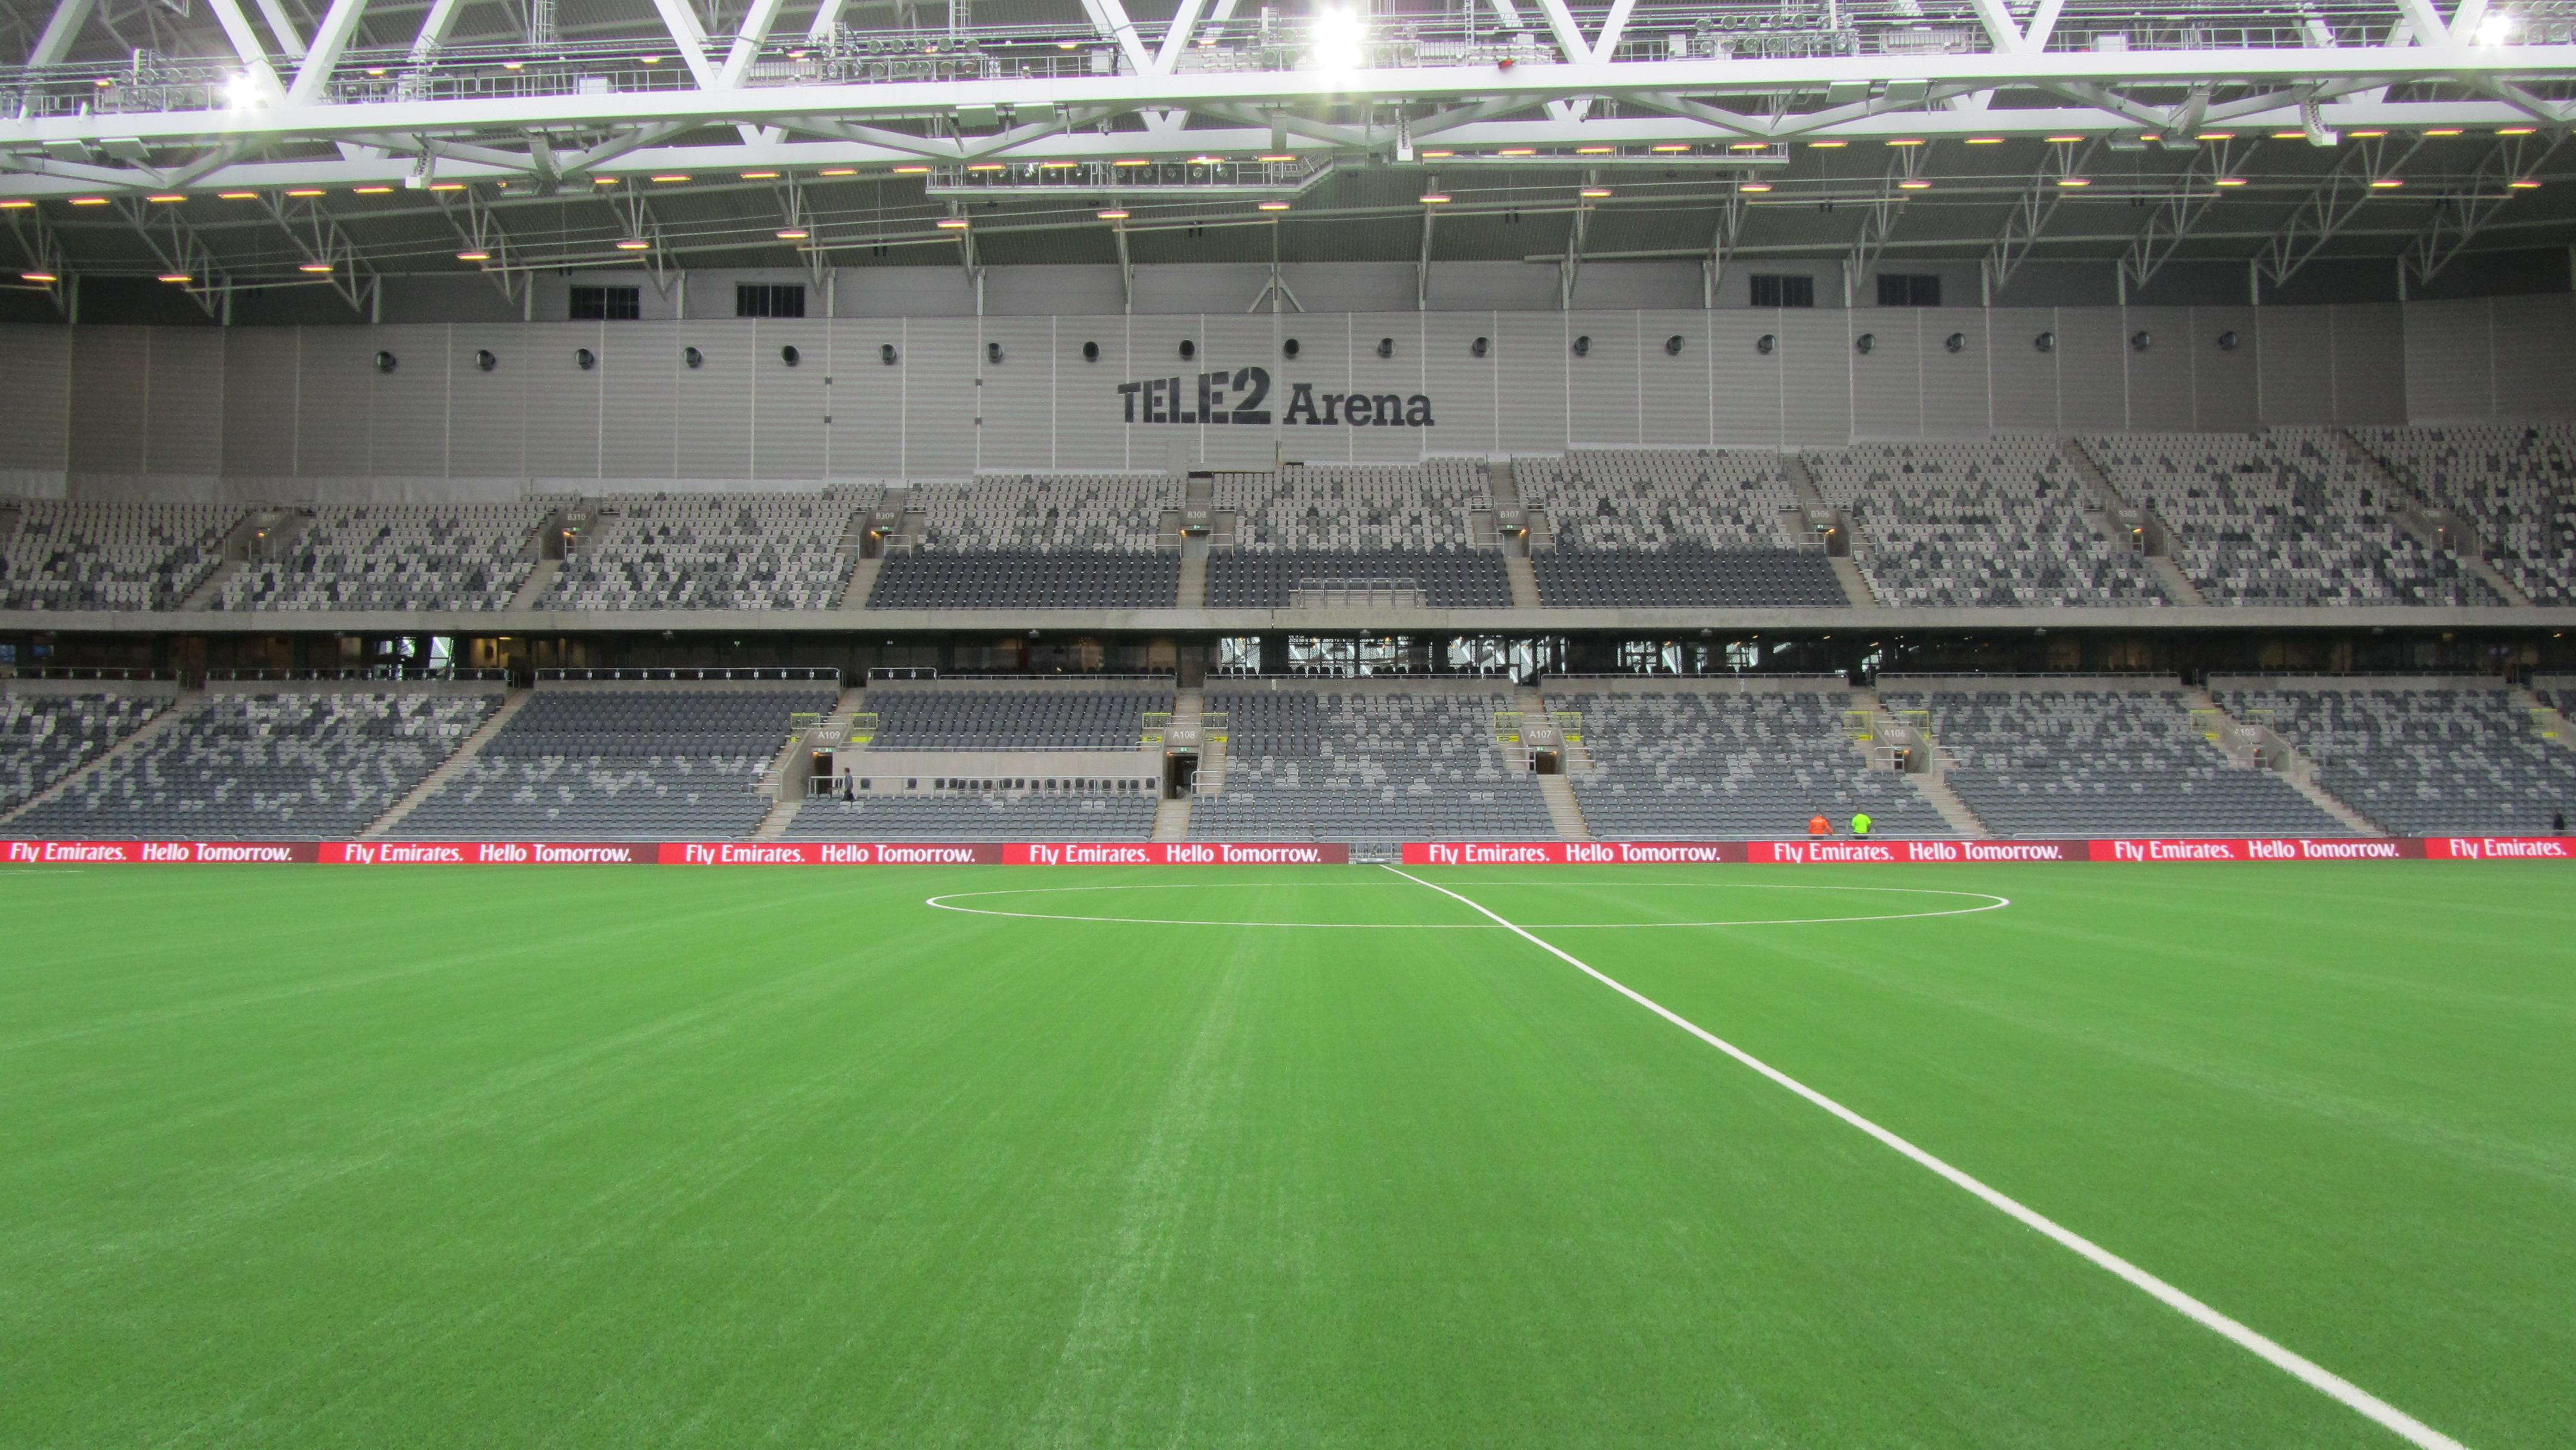 Tele2 Arena - The Stadium Guide